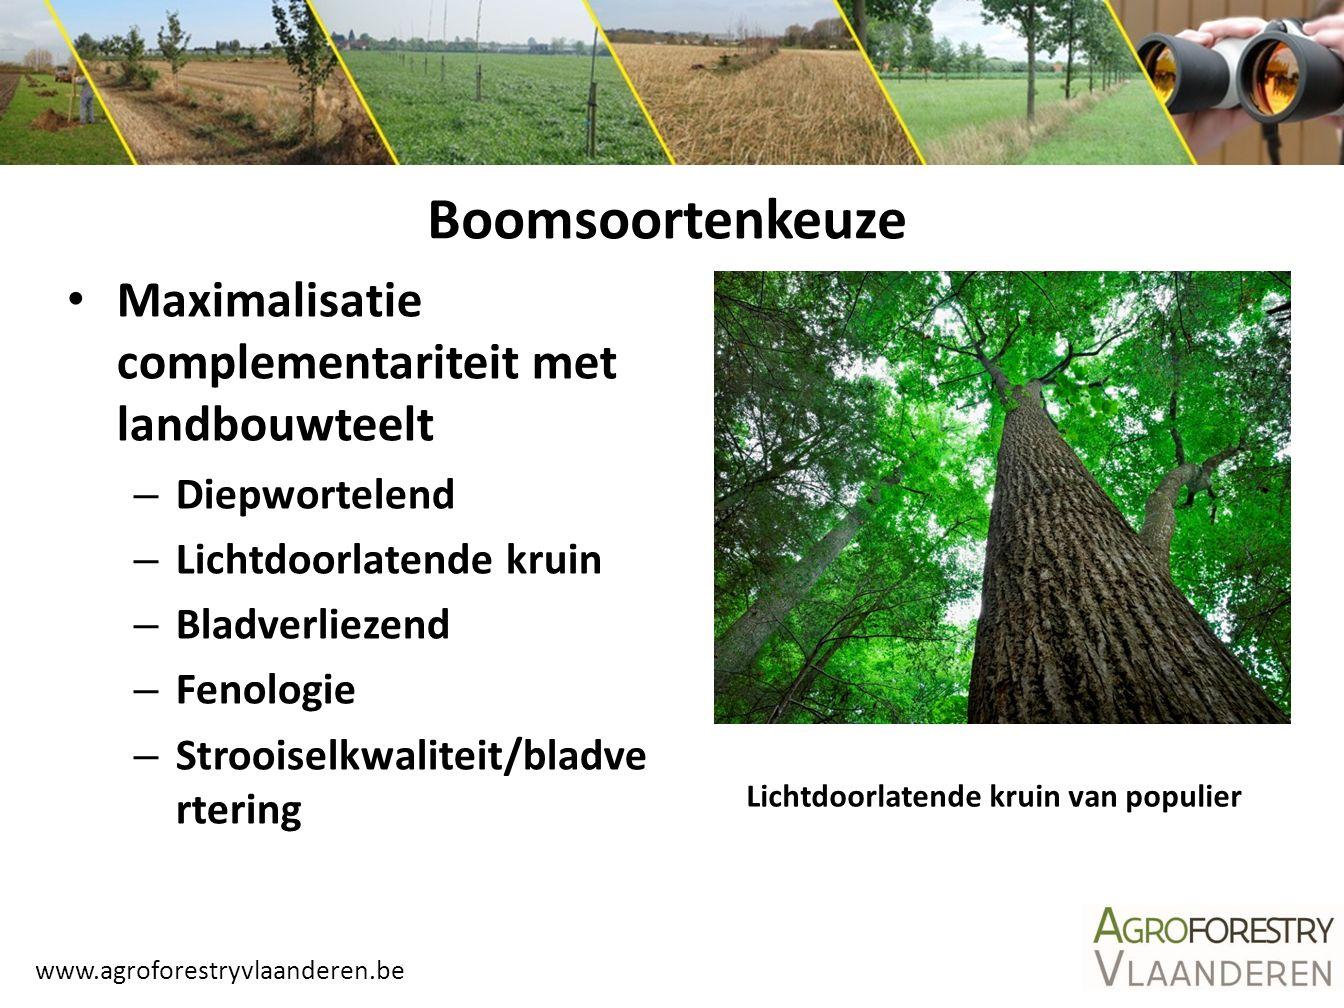 www.agroforestryvlaanderen.be Boomsoortenkeuze Maximalisatie complementariteit met landbouwteelt – Diepwortelend – Lichtdoorlatende kruin – Bladverlie